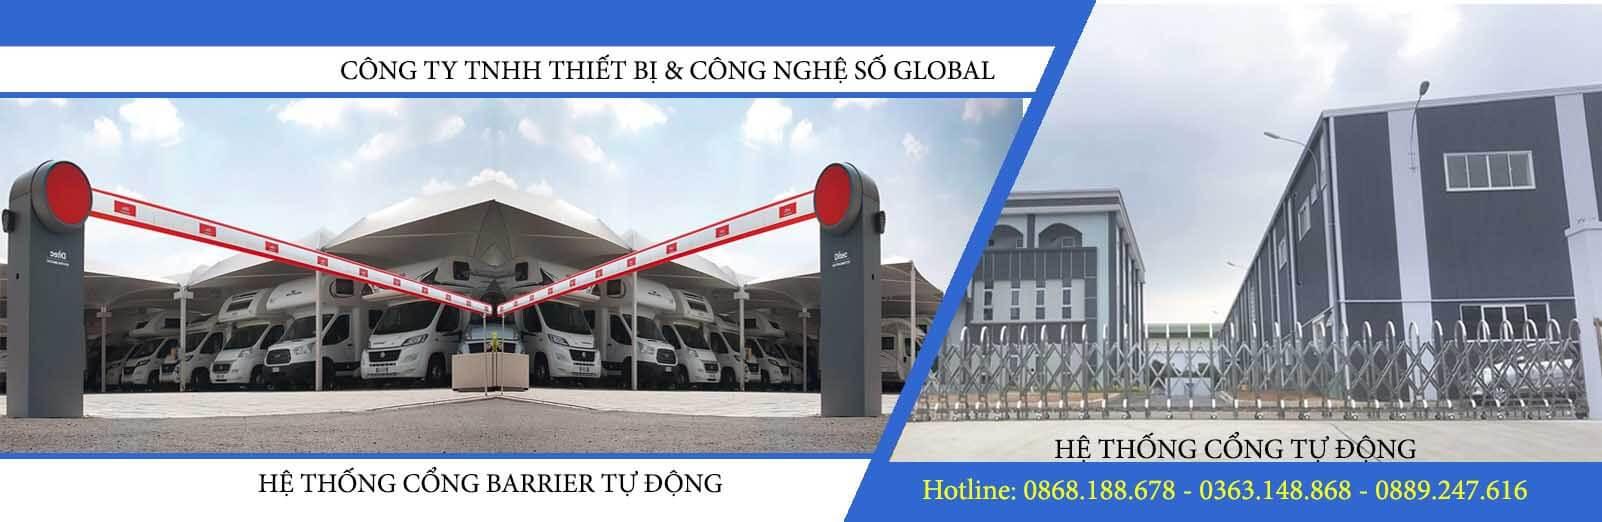 Barrier tự động - Công ty TNHH thiết bị và công nghệ số Global